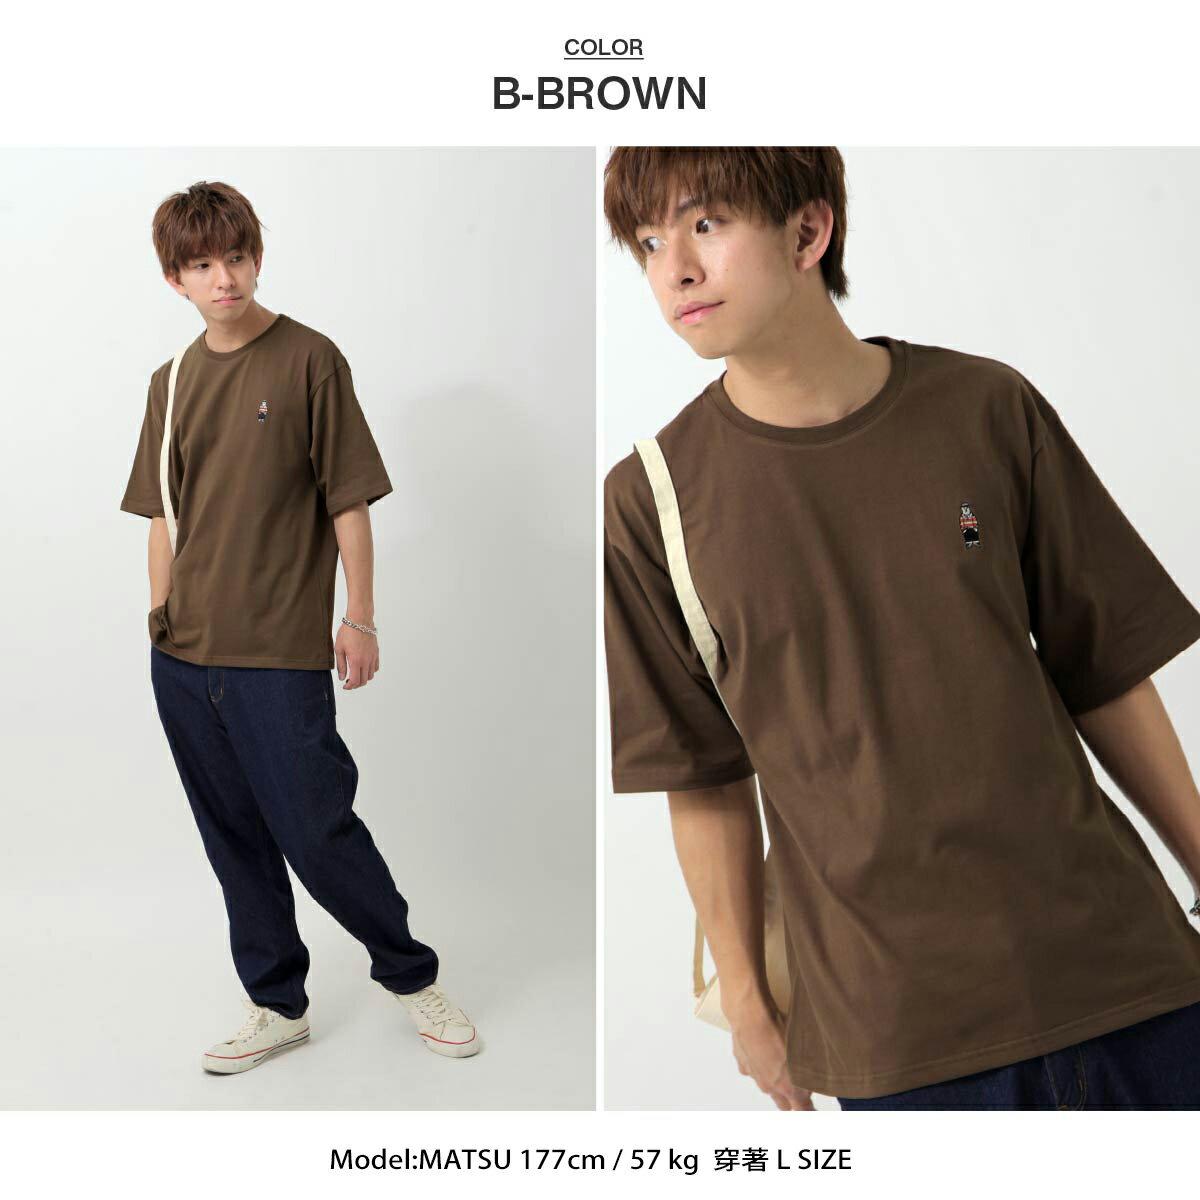 【ZIP】白熊刺繡短TEE BENJAMIN 6